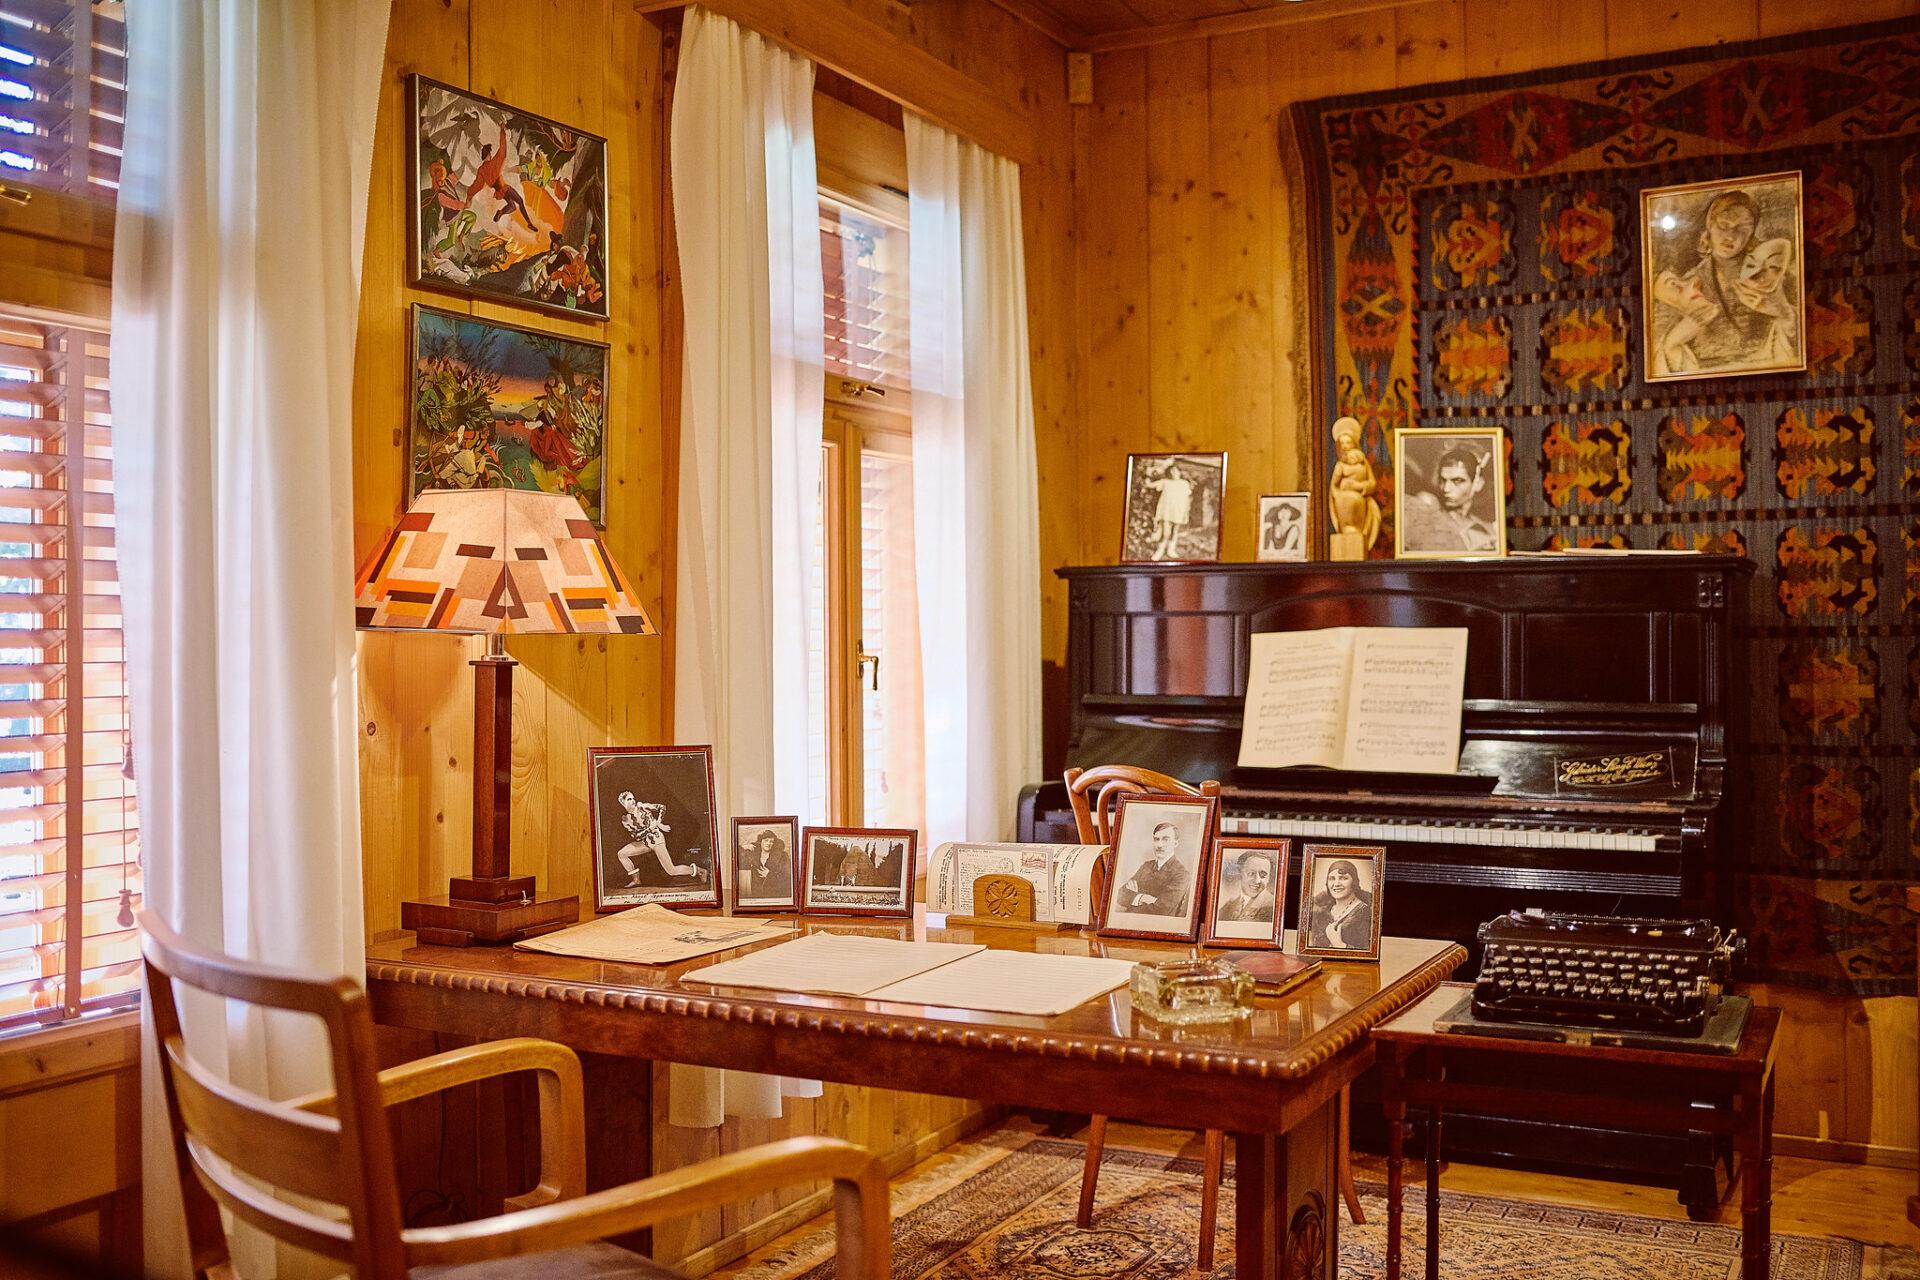 Muzeum Karola Szymanowskiego w willi Atma w Zakopanem, fot. K. Schubert MIK 2019 ©